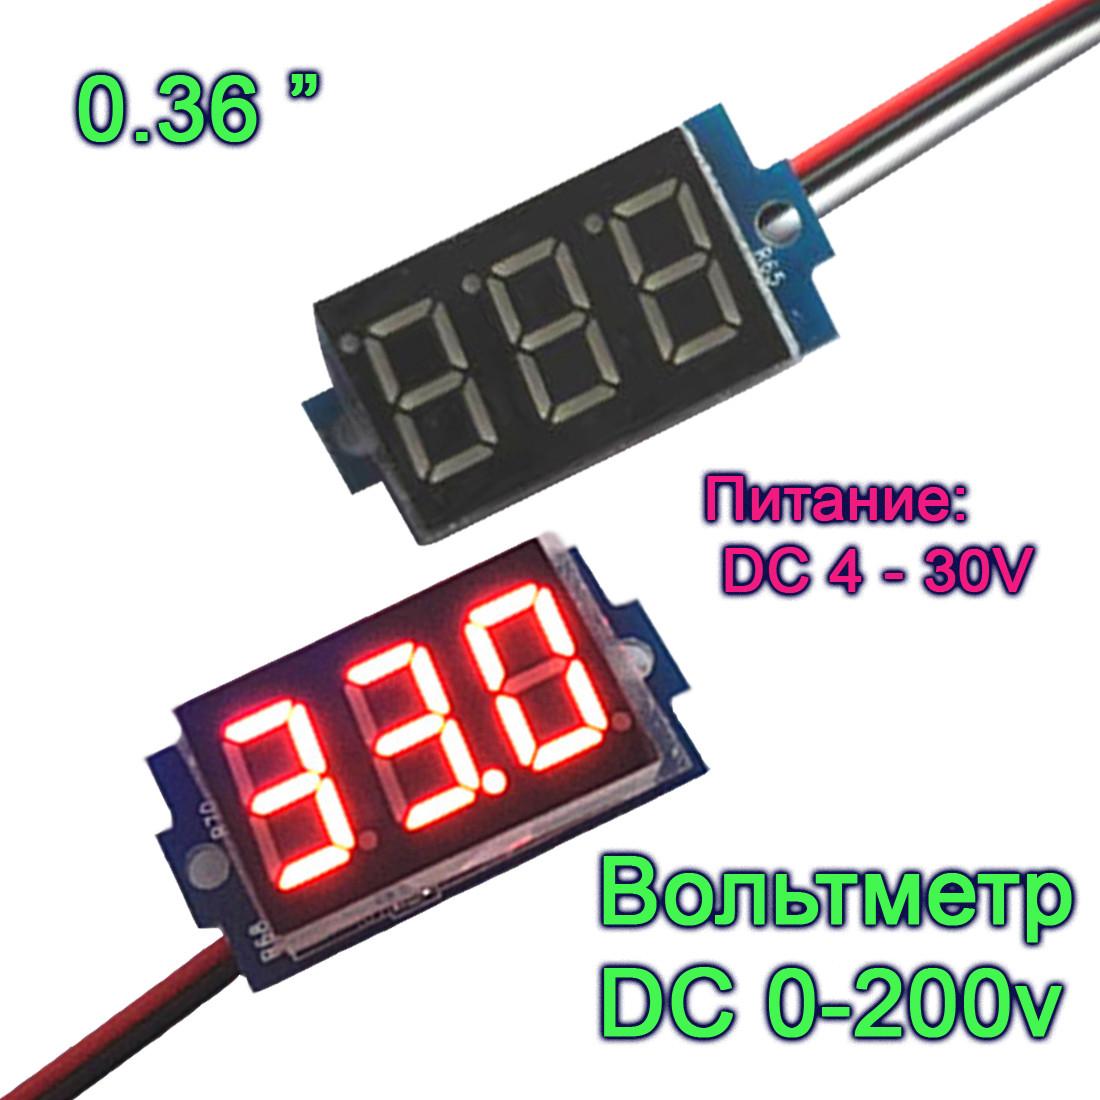 Цифровой вольтметр DC 200v-измерение  DC 4-30v питание